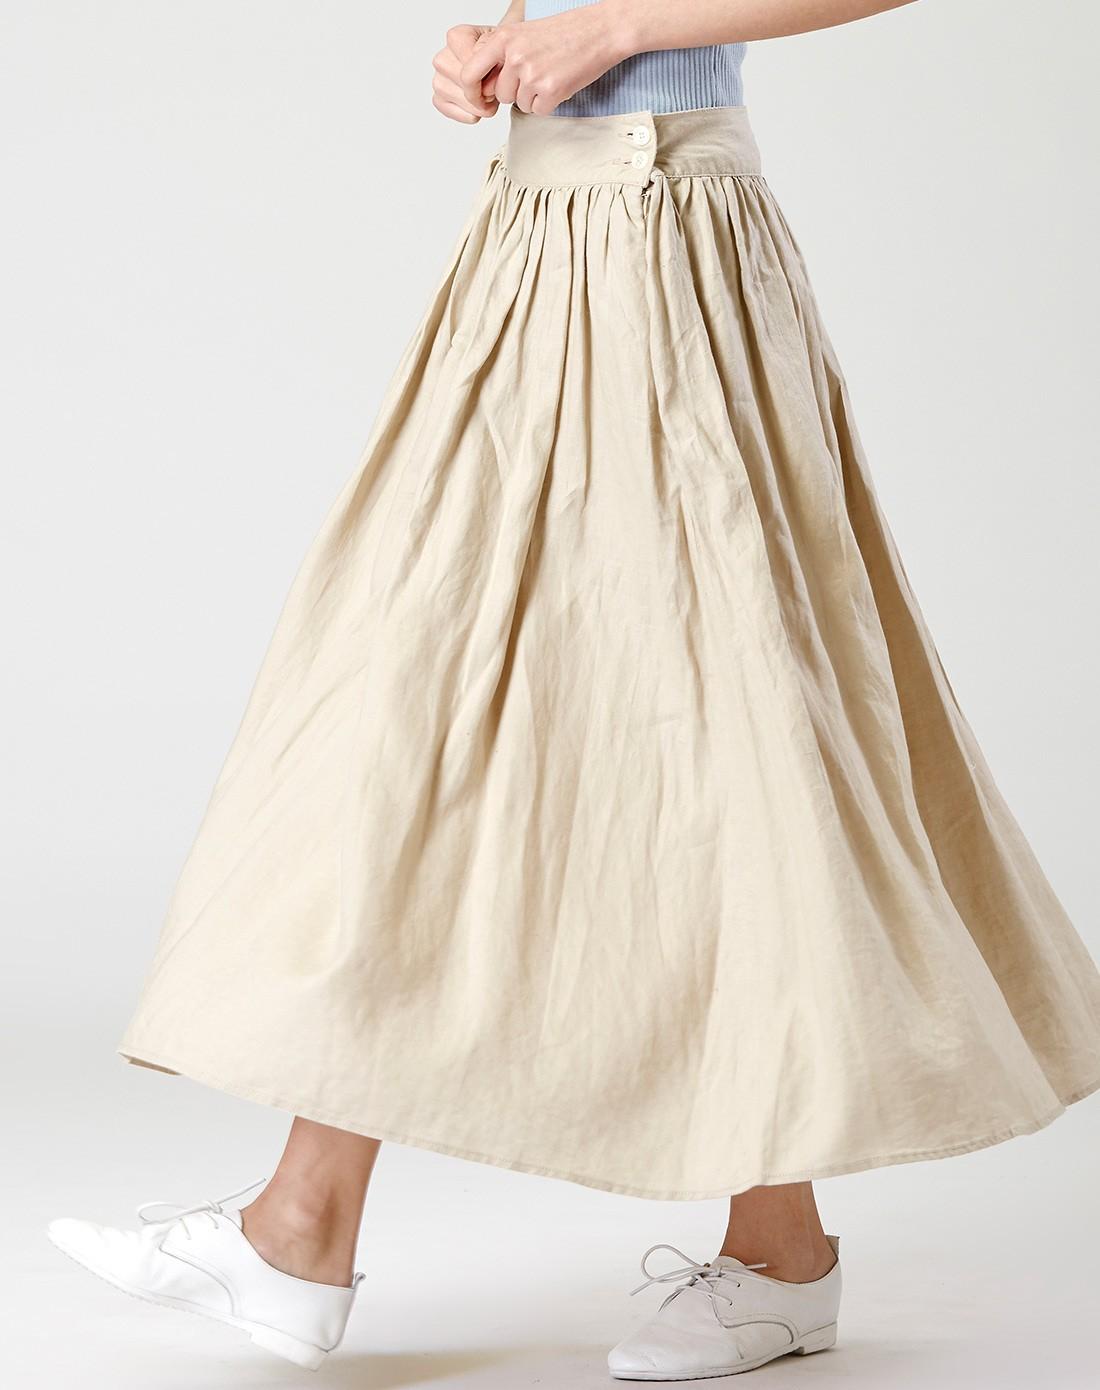 高腰亚麻半身裙